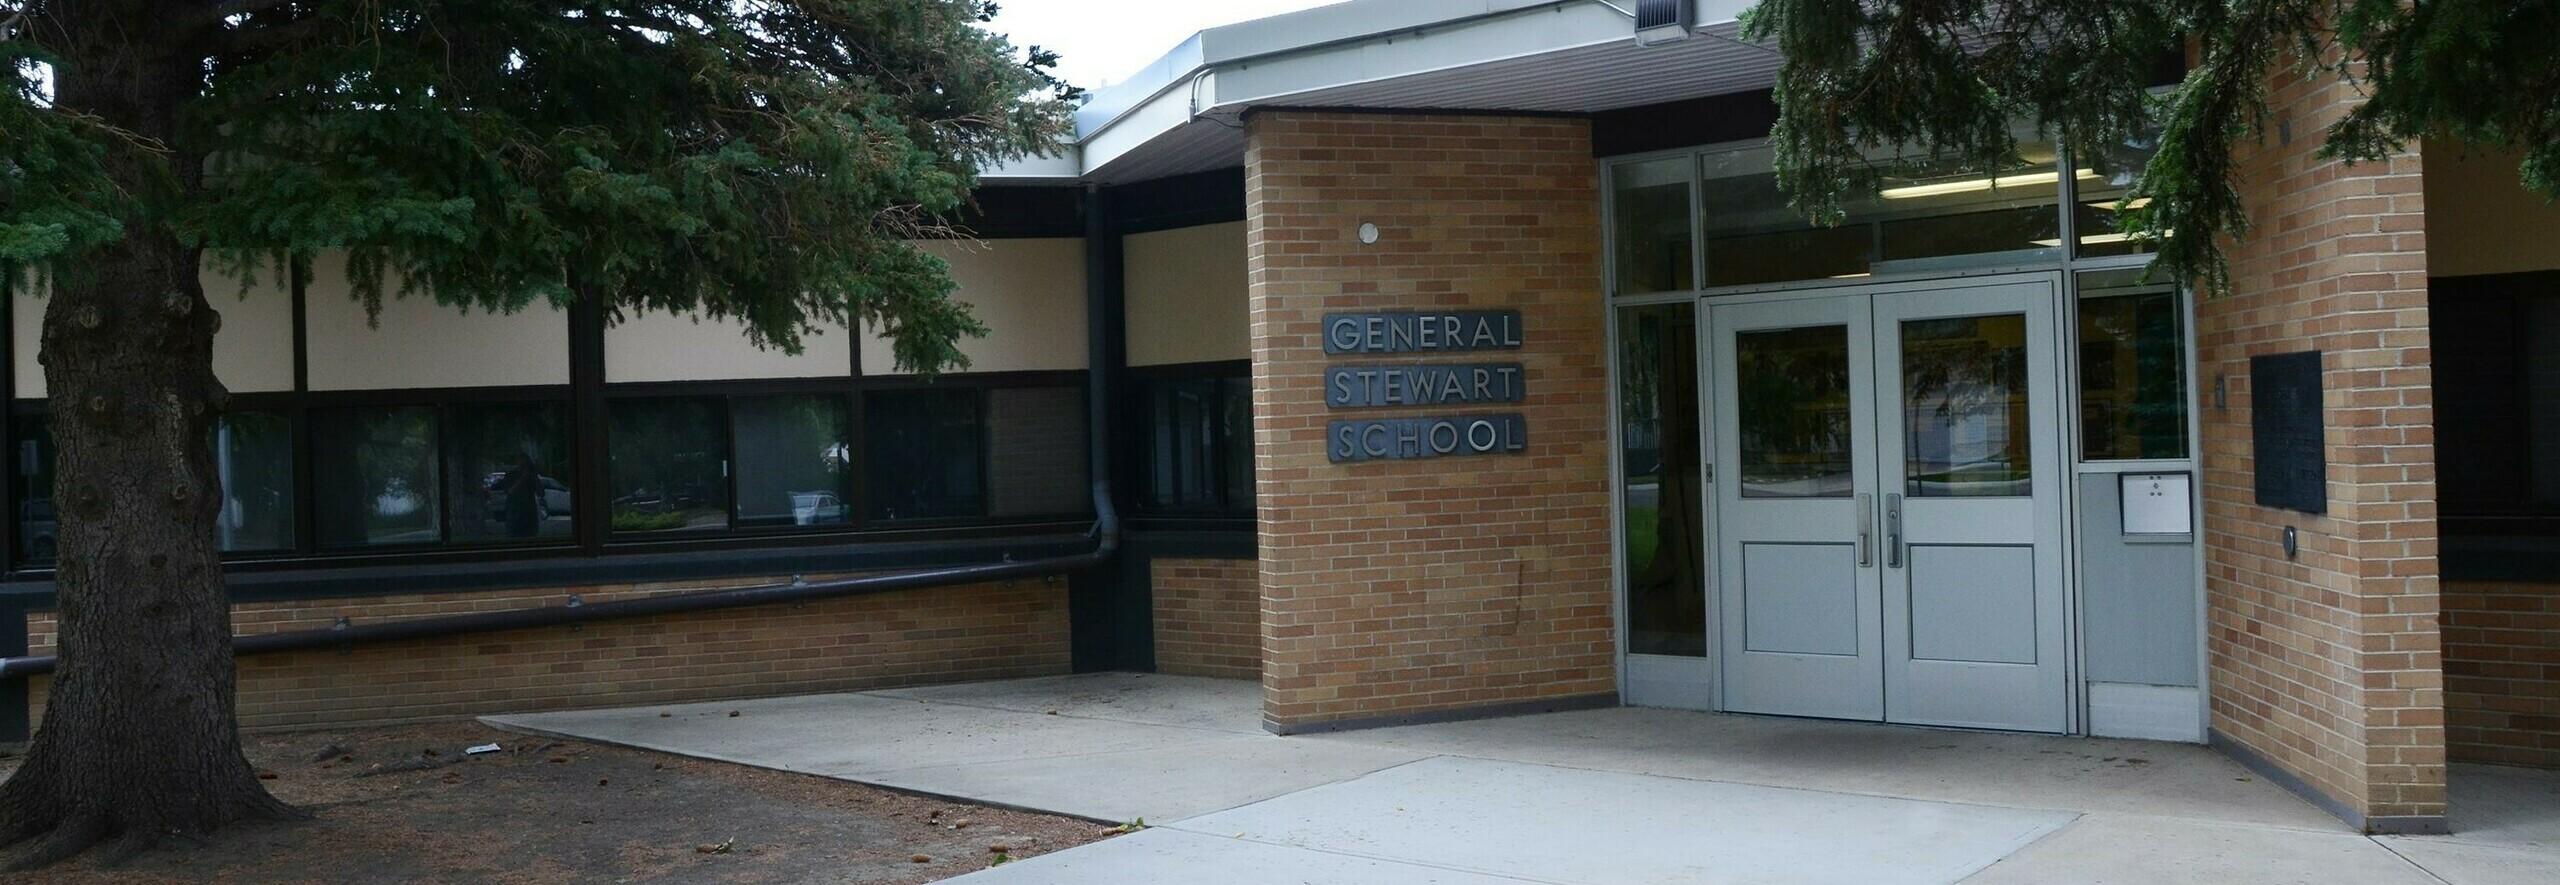 General Stewart Elementary School Banner Photo